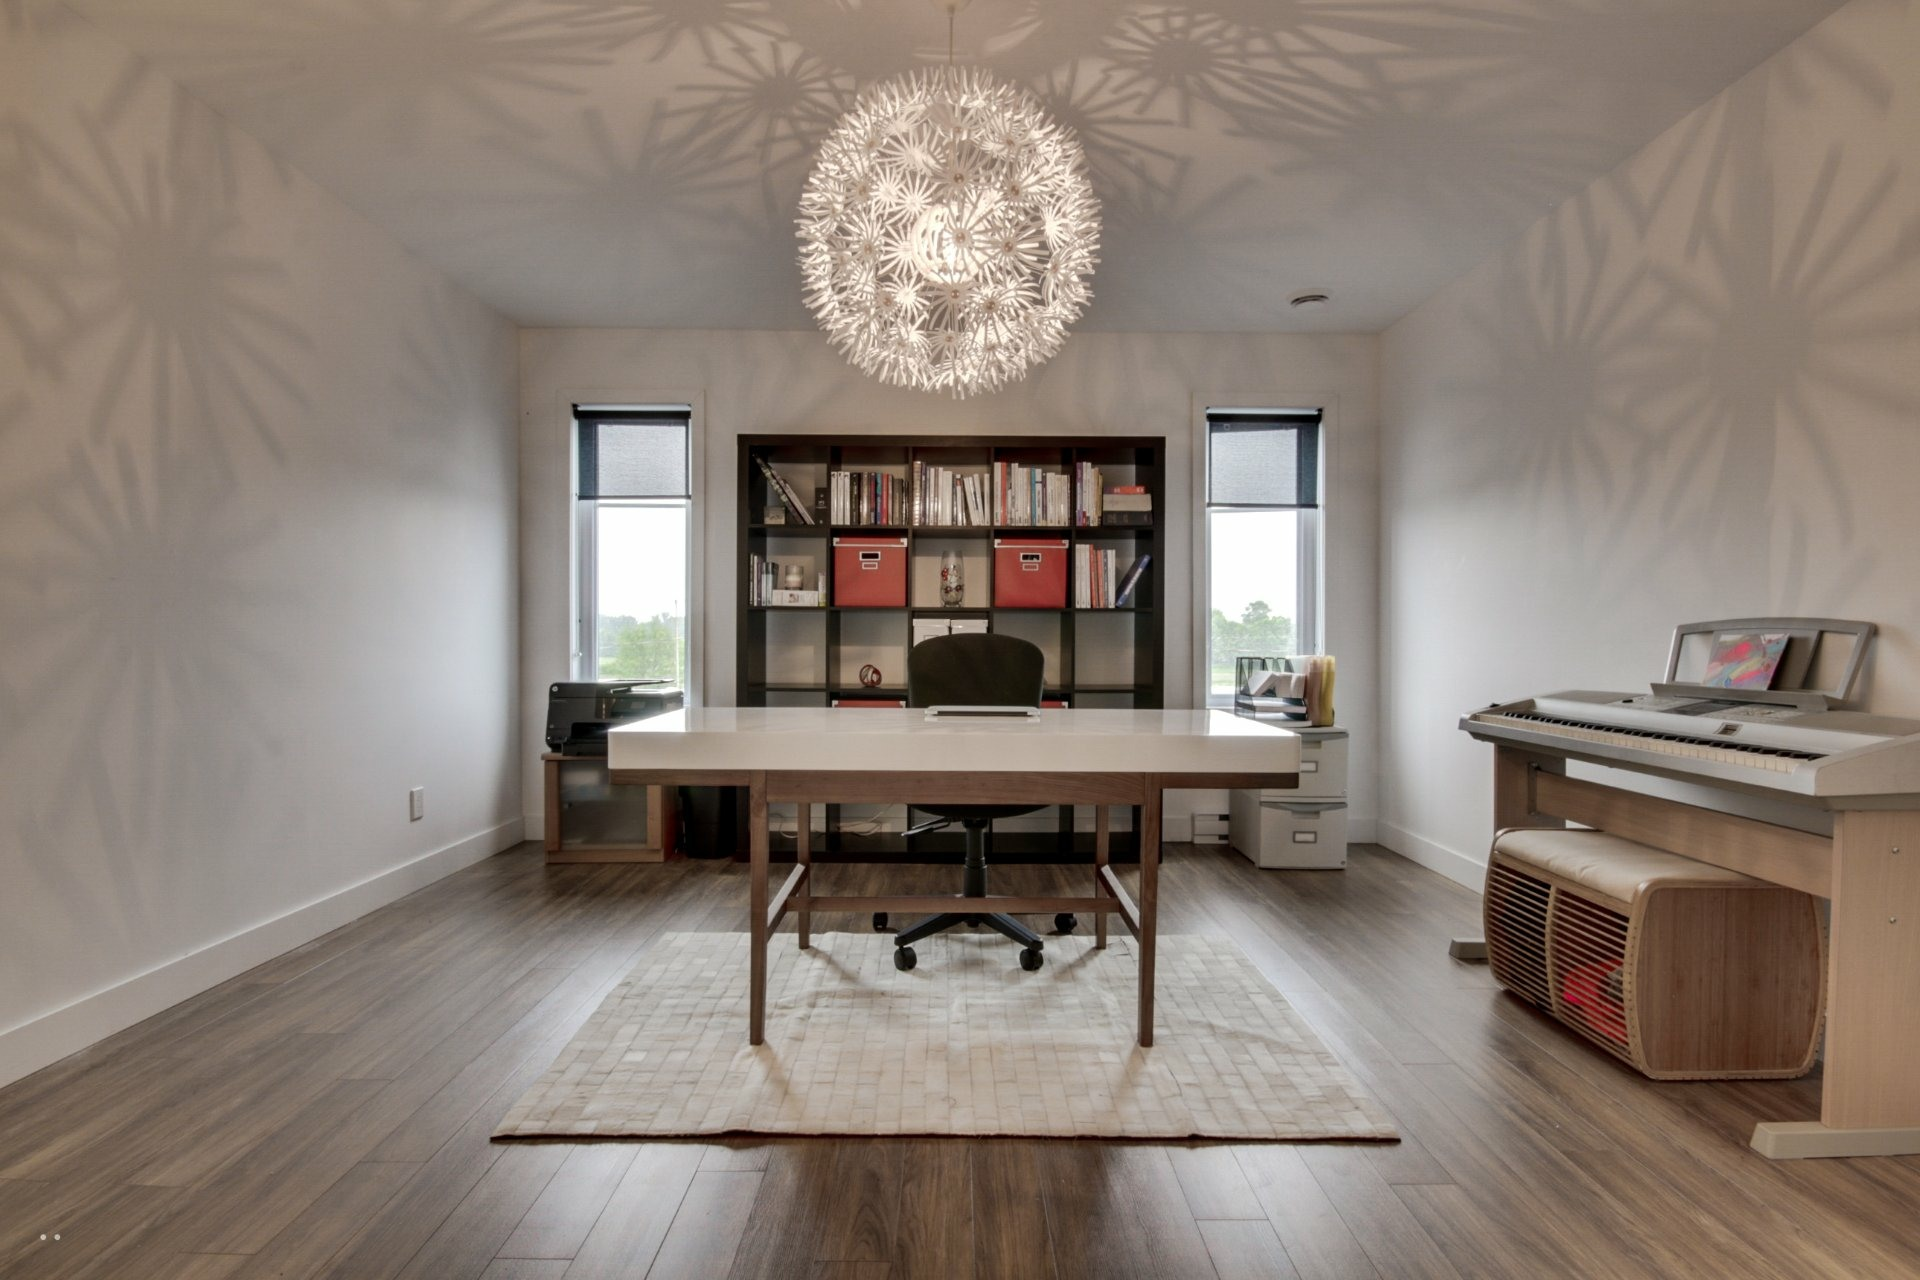 image 27 - Appartement À vendre Trois-Rivières - 7 pièces